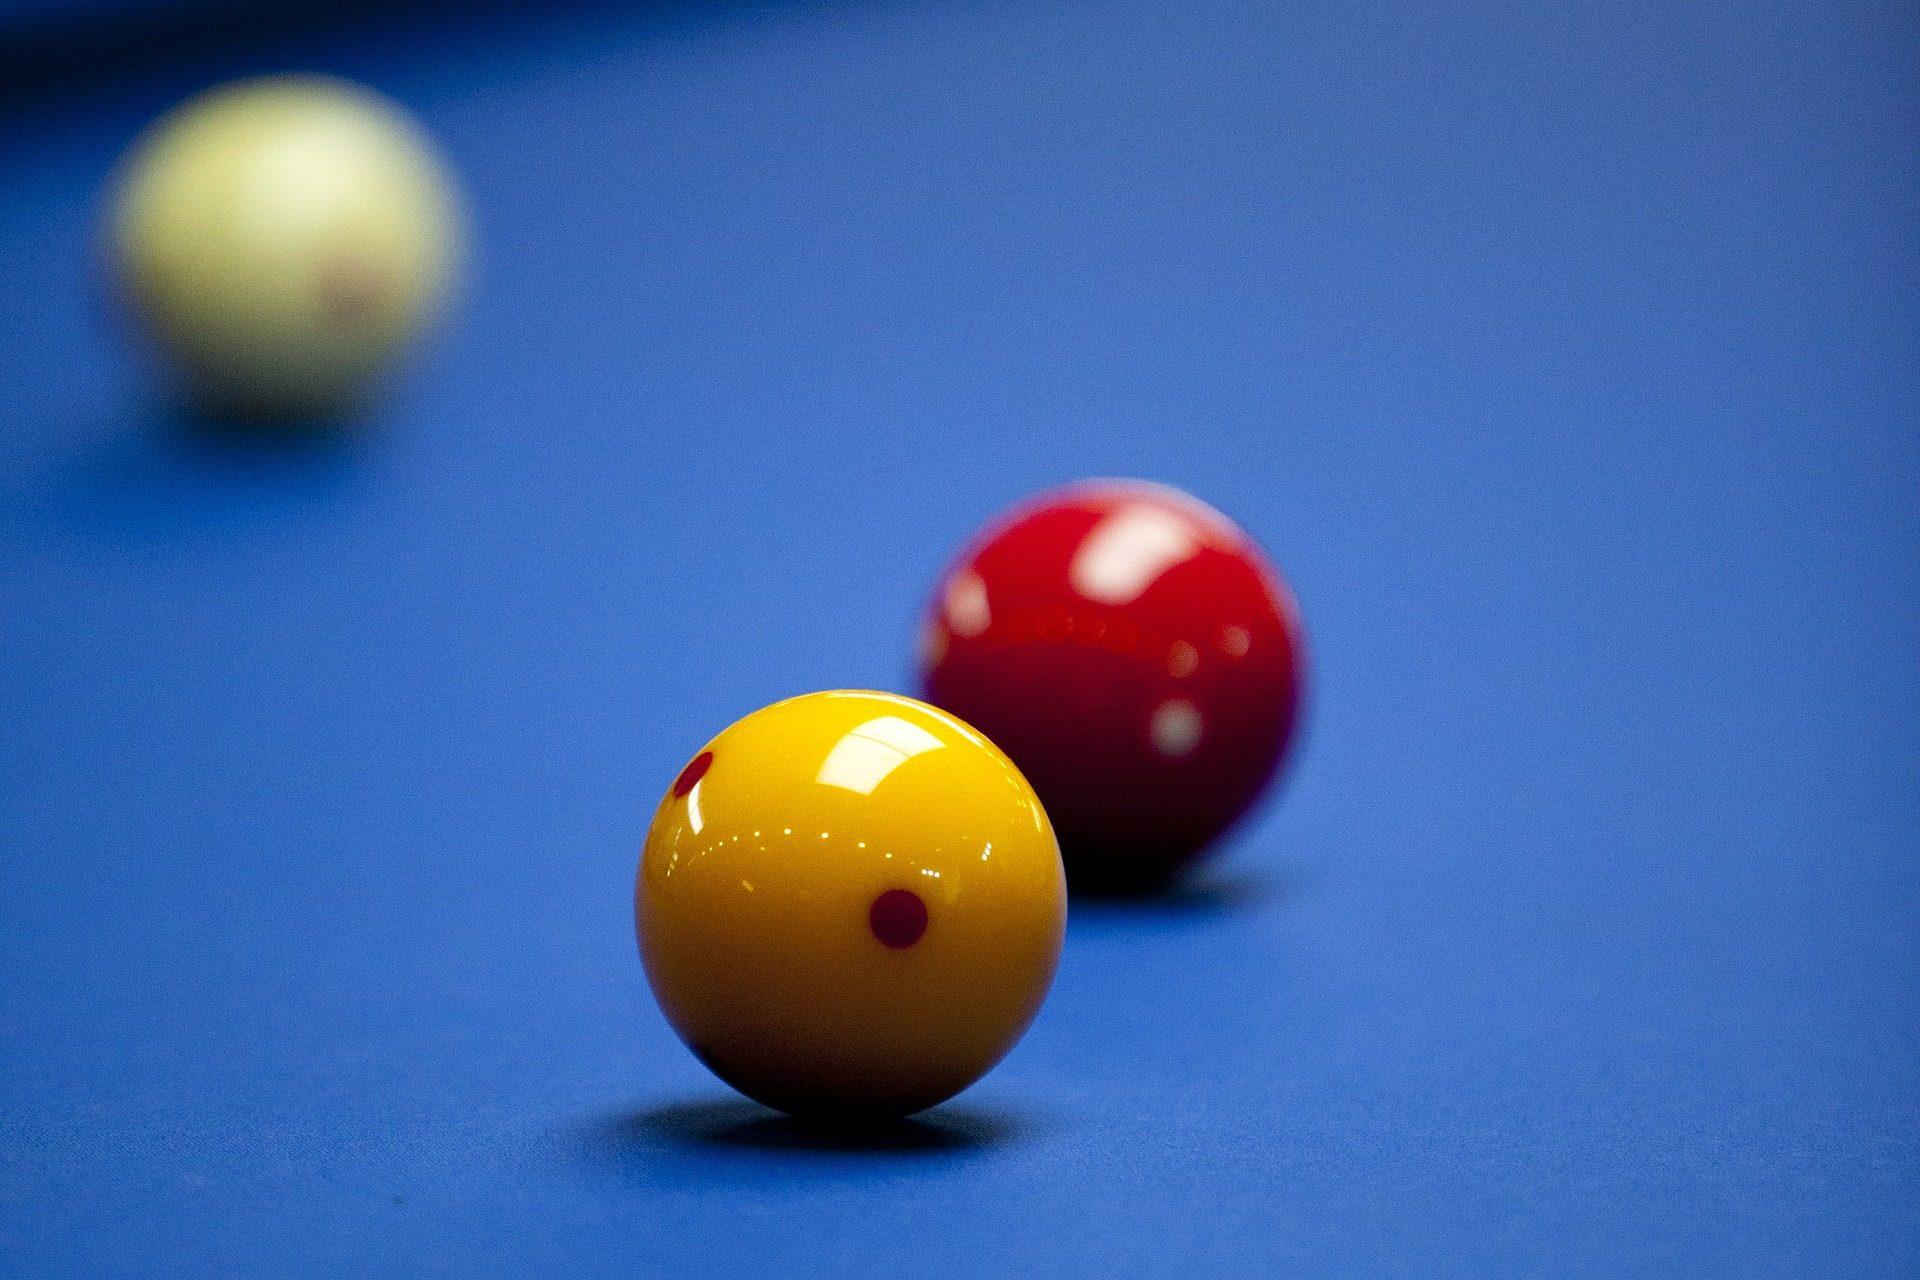 ボール, 球, ビリヤード, 明るさ, マット, ゲーム - HD の壁紙 - 教授-falken.com